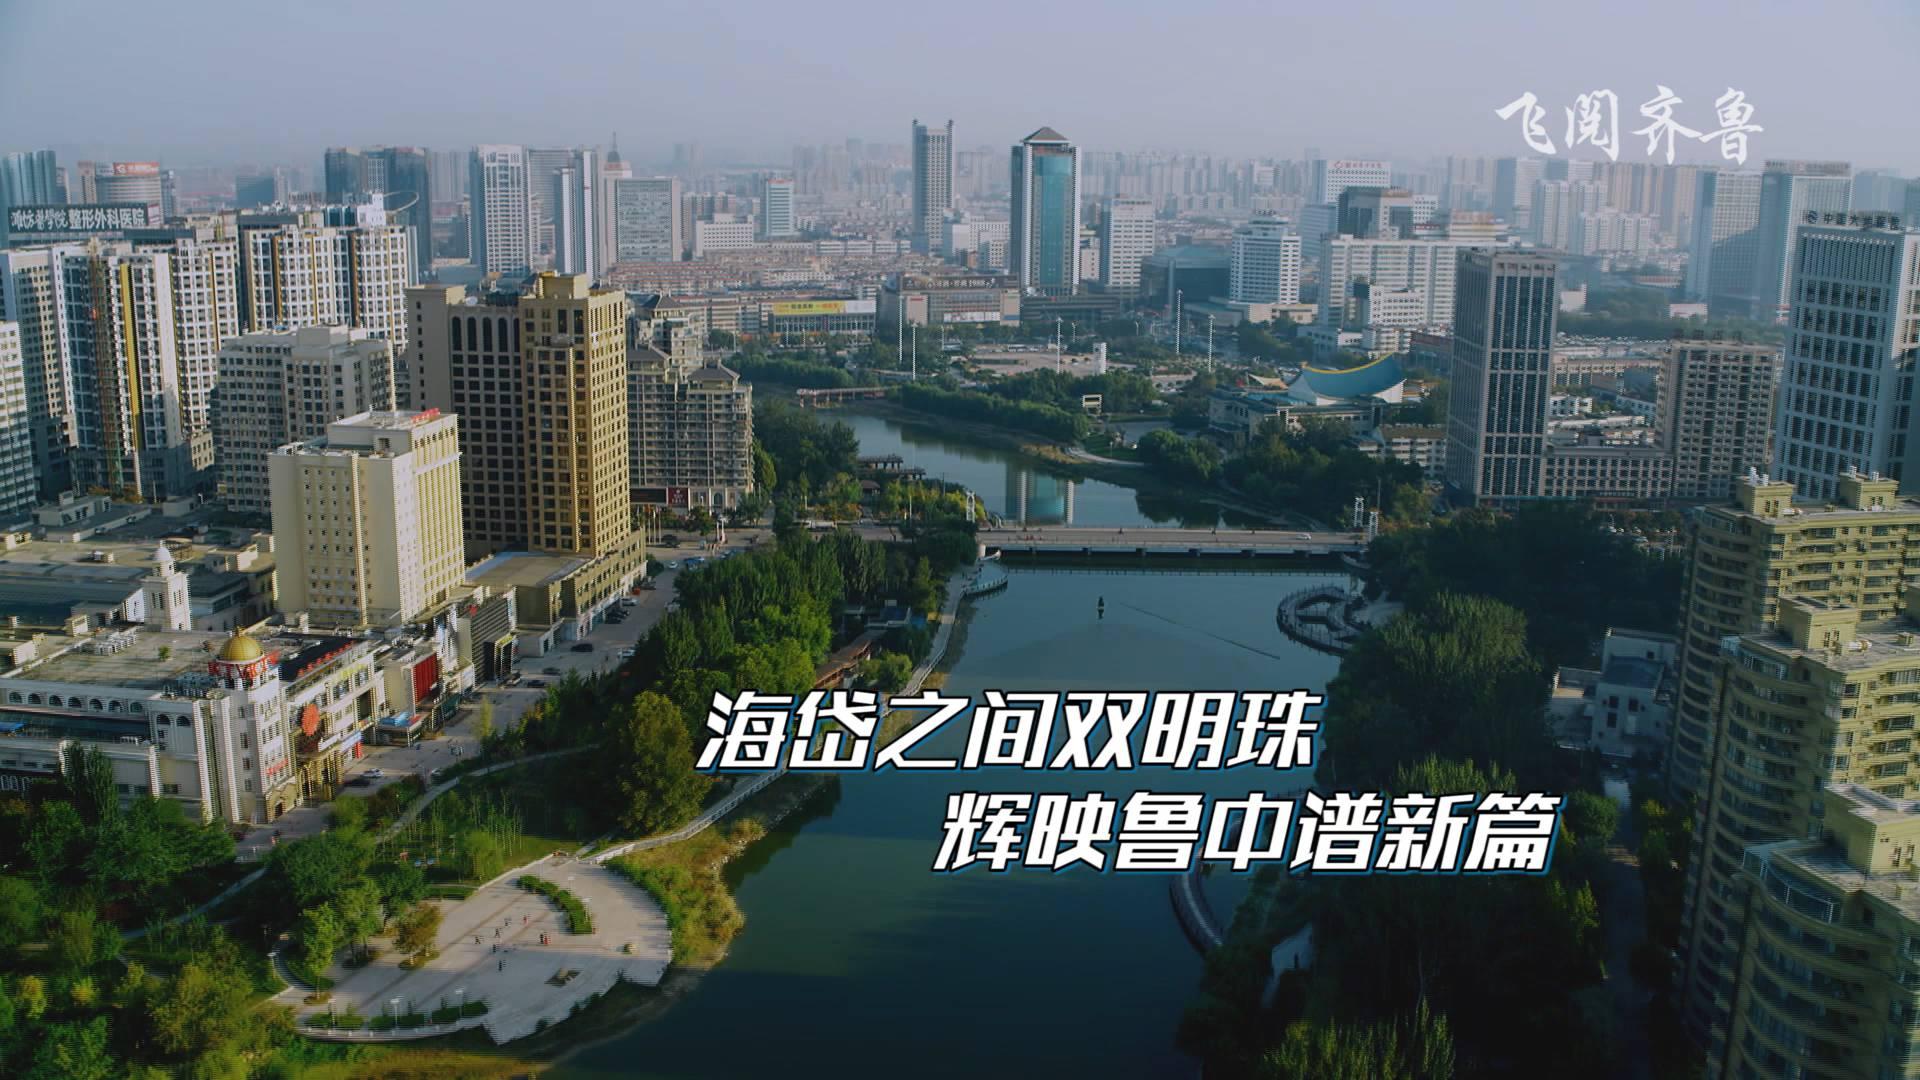 《飞阅齐鲁》淄博·潍坊篇丨海岱之间双明珠 辉映鲁中谱新篇